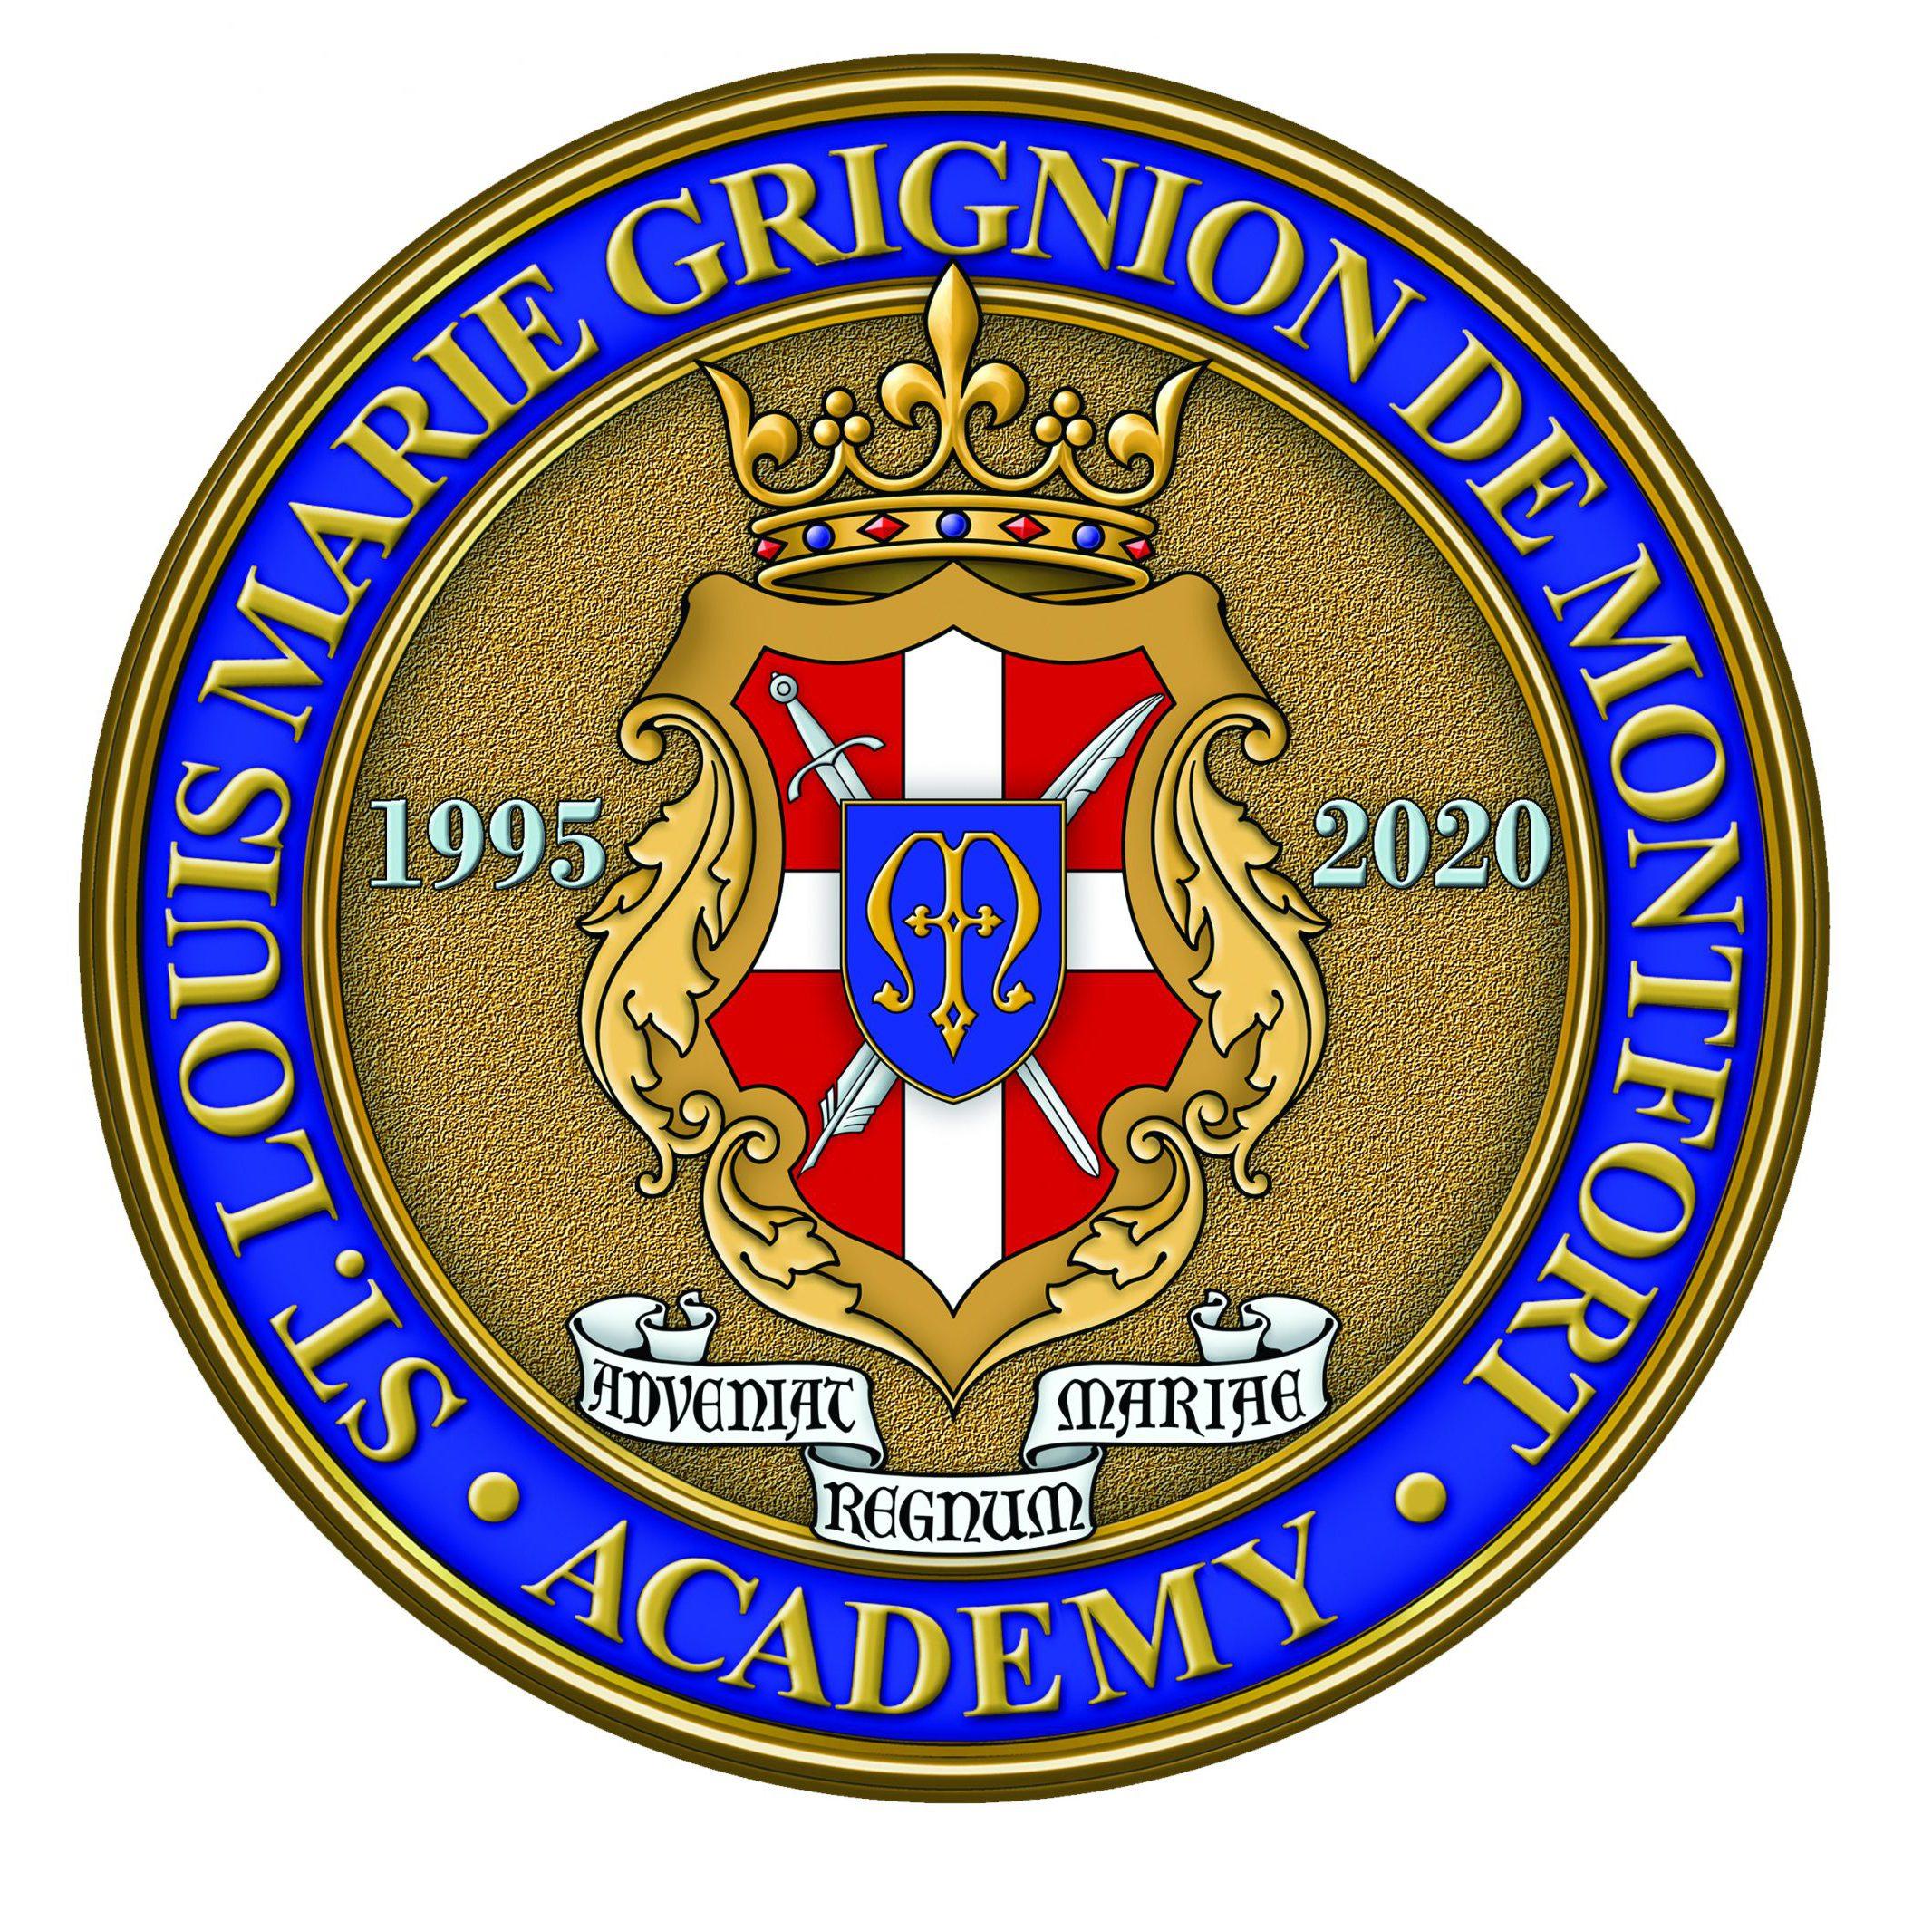 St. Louis de Montfort Academy